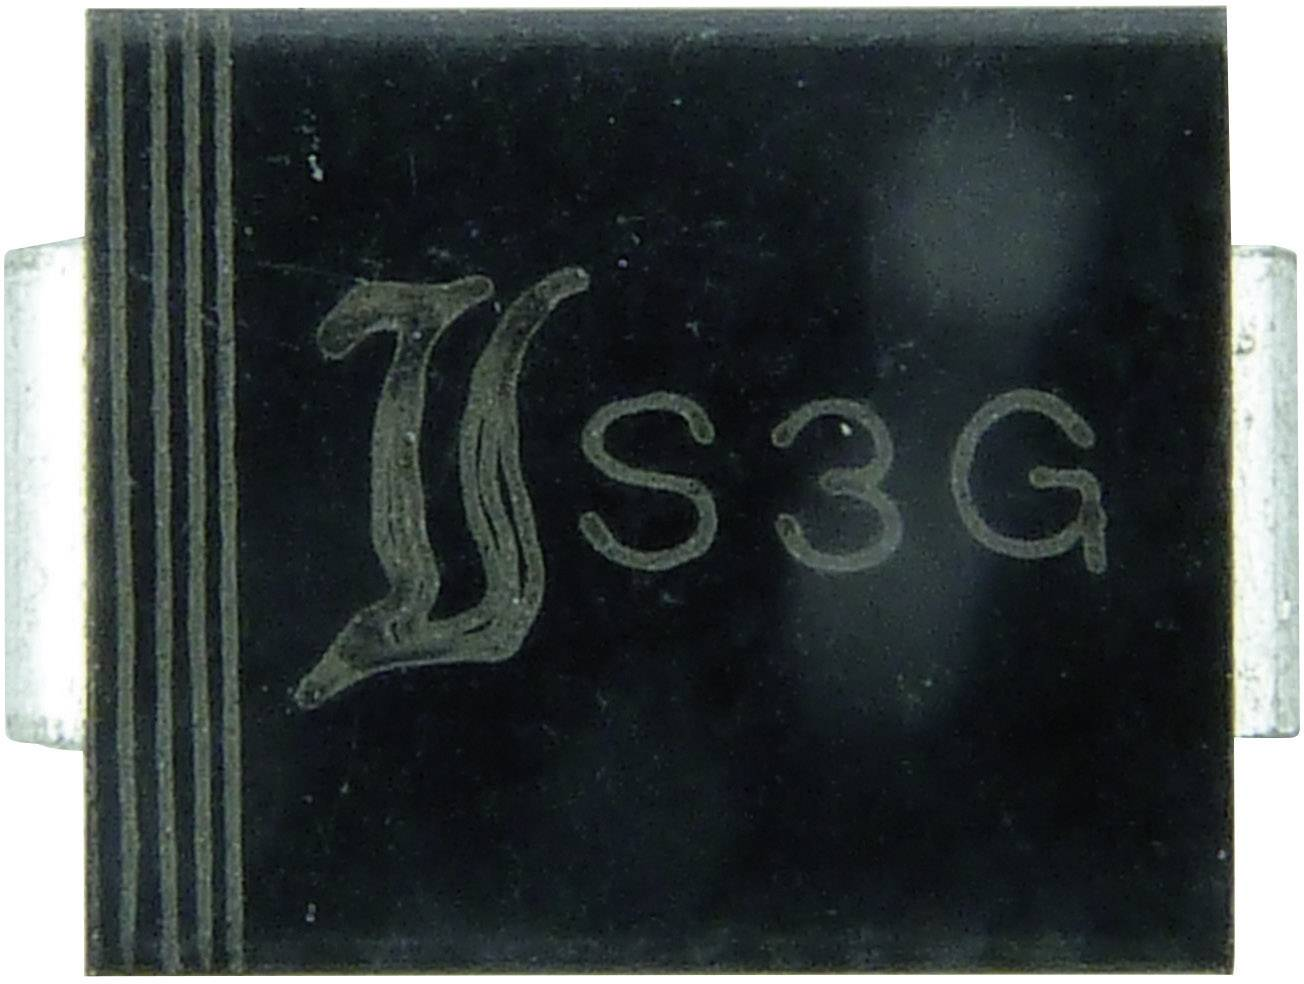 Dióda Z Diotec Z3SMC75, DO-214AB, zener. napätie 75 V